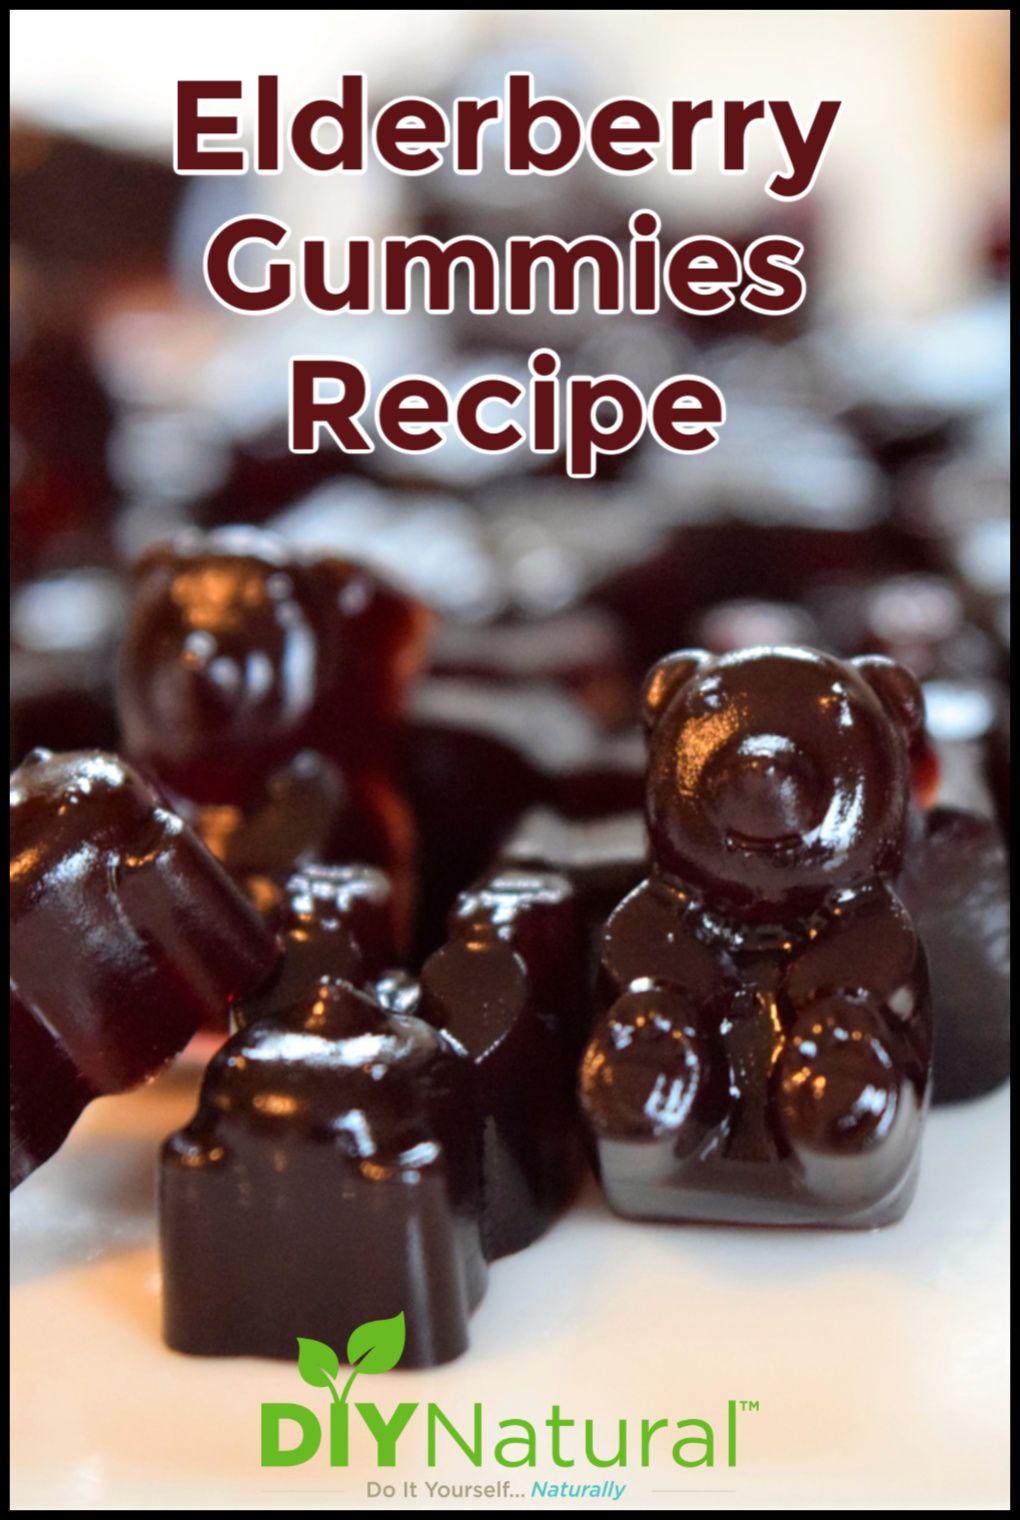 Elderberry Gummies Delicious & ImmuneBoosting Recipe